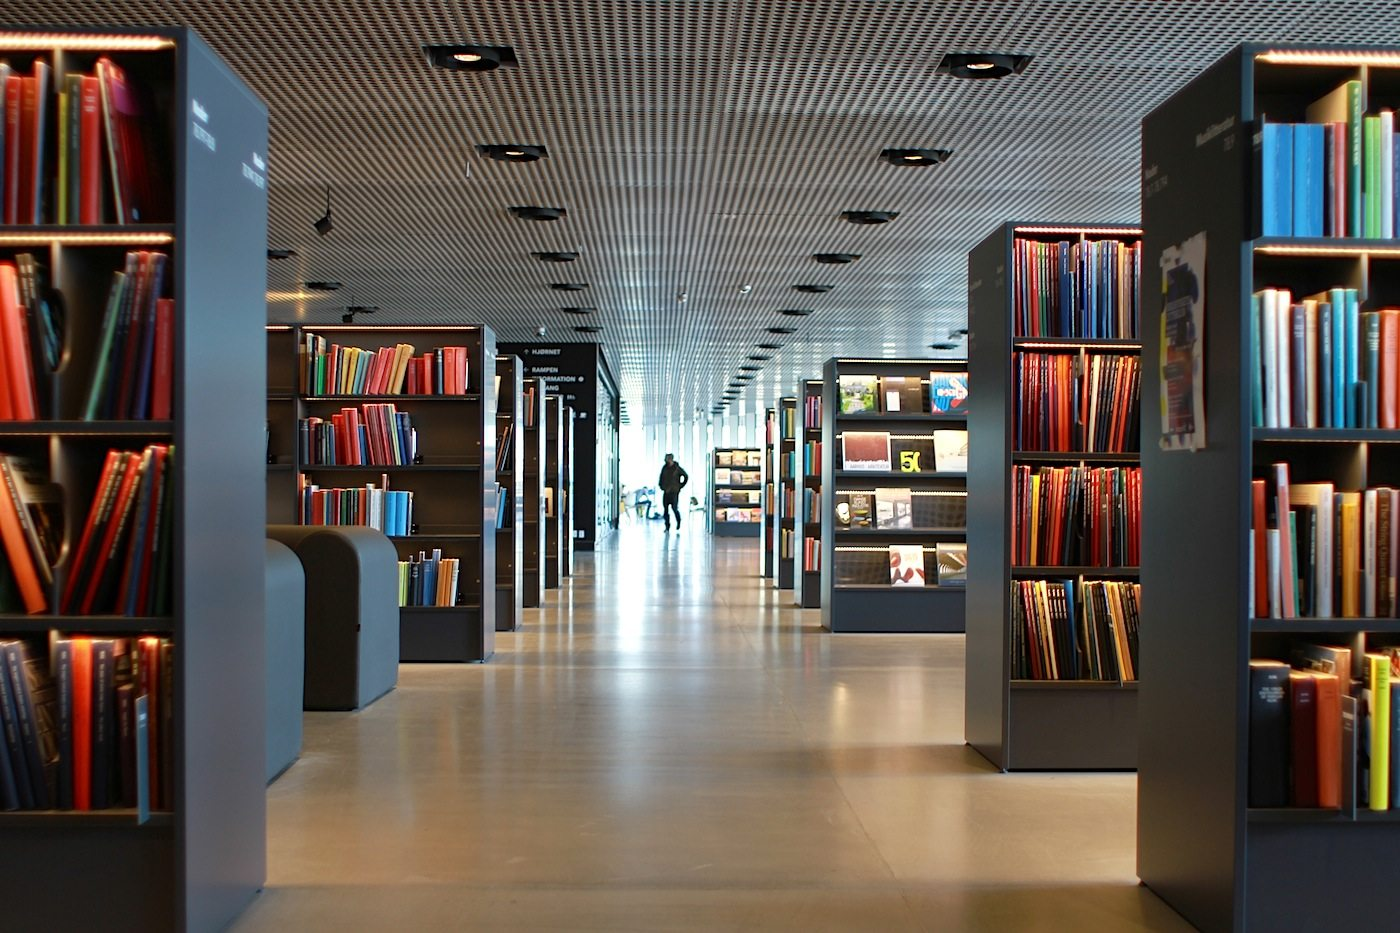 Bibliothek. Das Dokk1 ist unter anderem Bürgeramt, Bürogebäude und beherbergt die größte Bibliothek Skandinaviens.